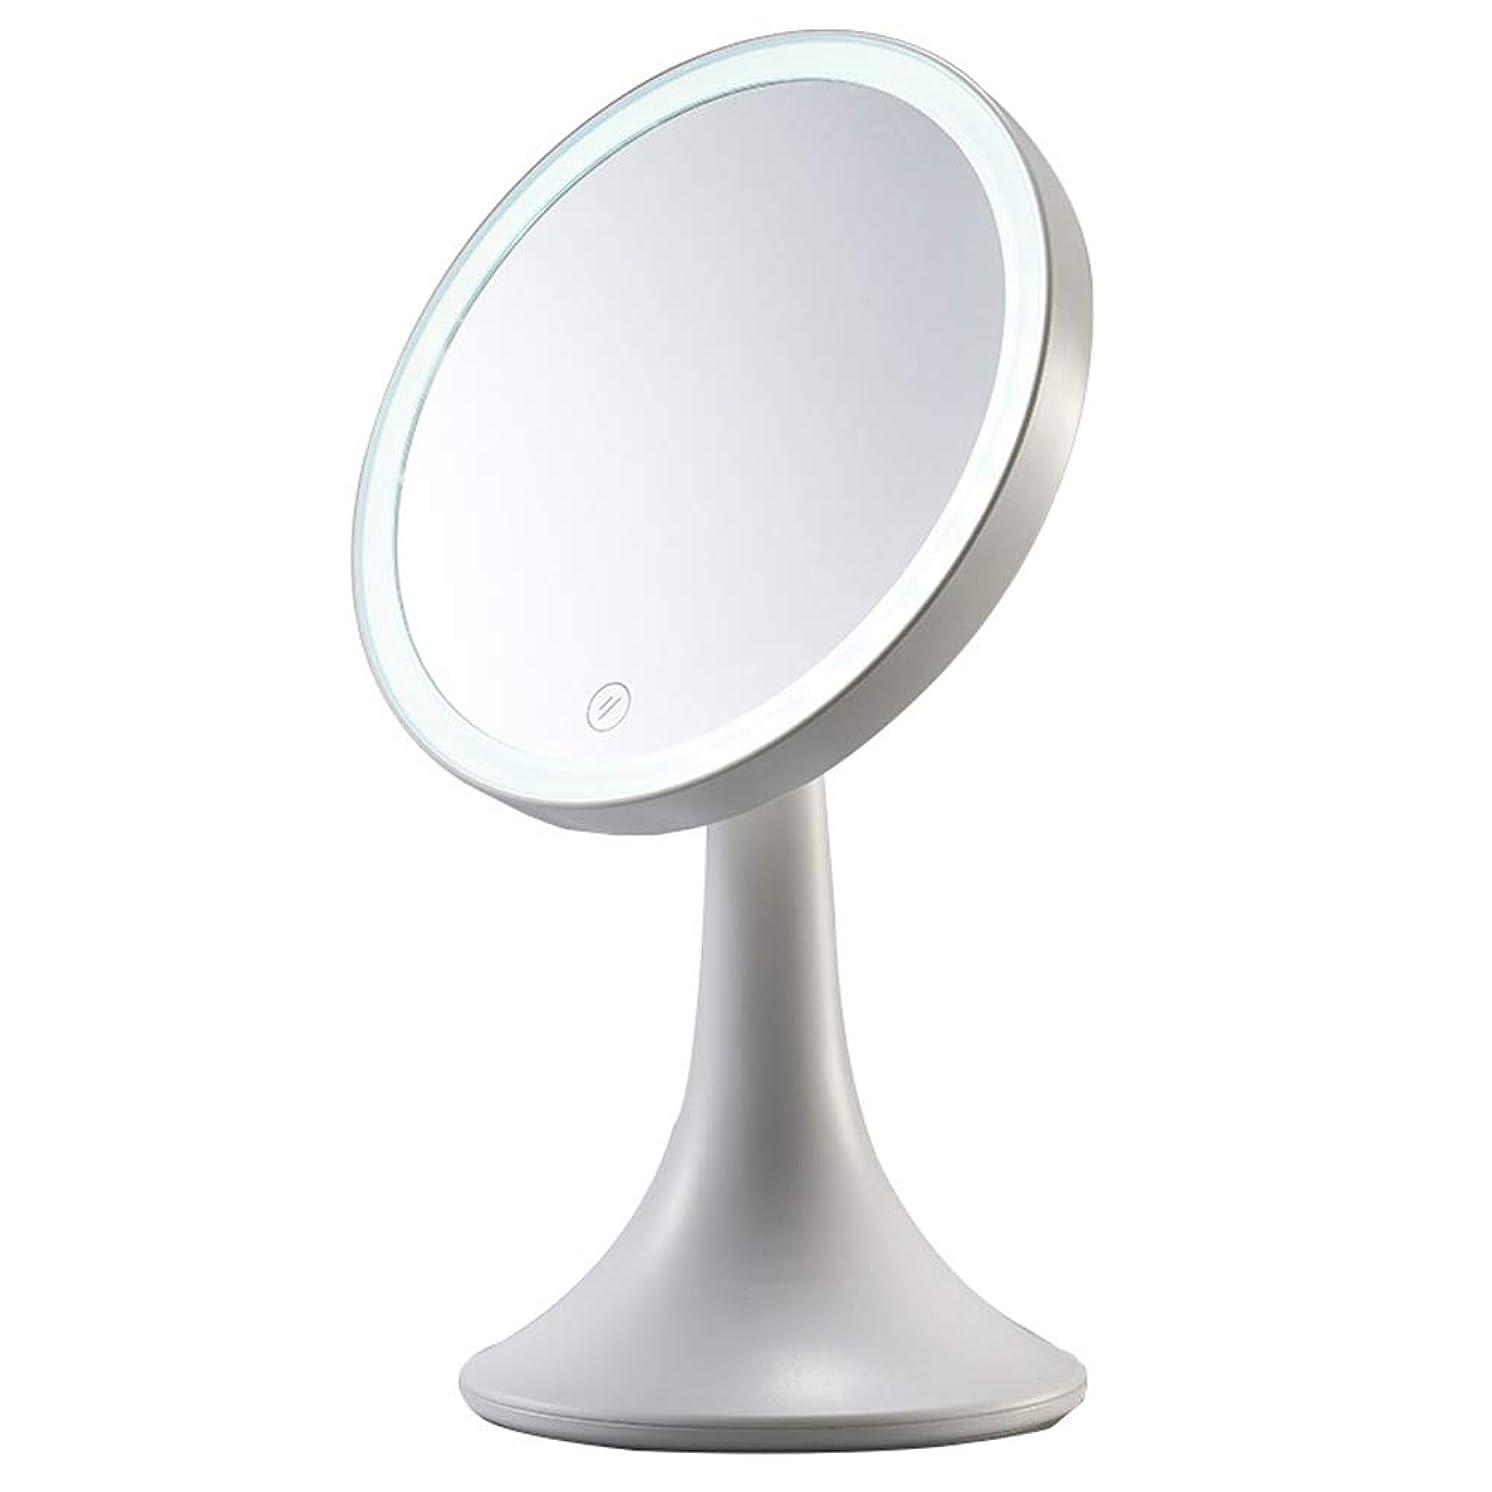 ために毎週思慮のない化粧鏡デスクトップラウンドライト化粧鏡垂直片面フィルライト化粧鏡,White